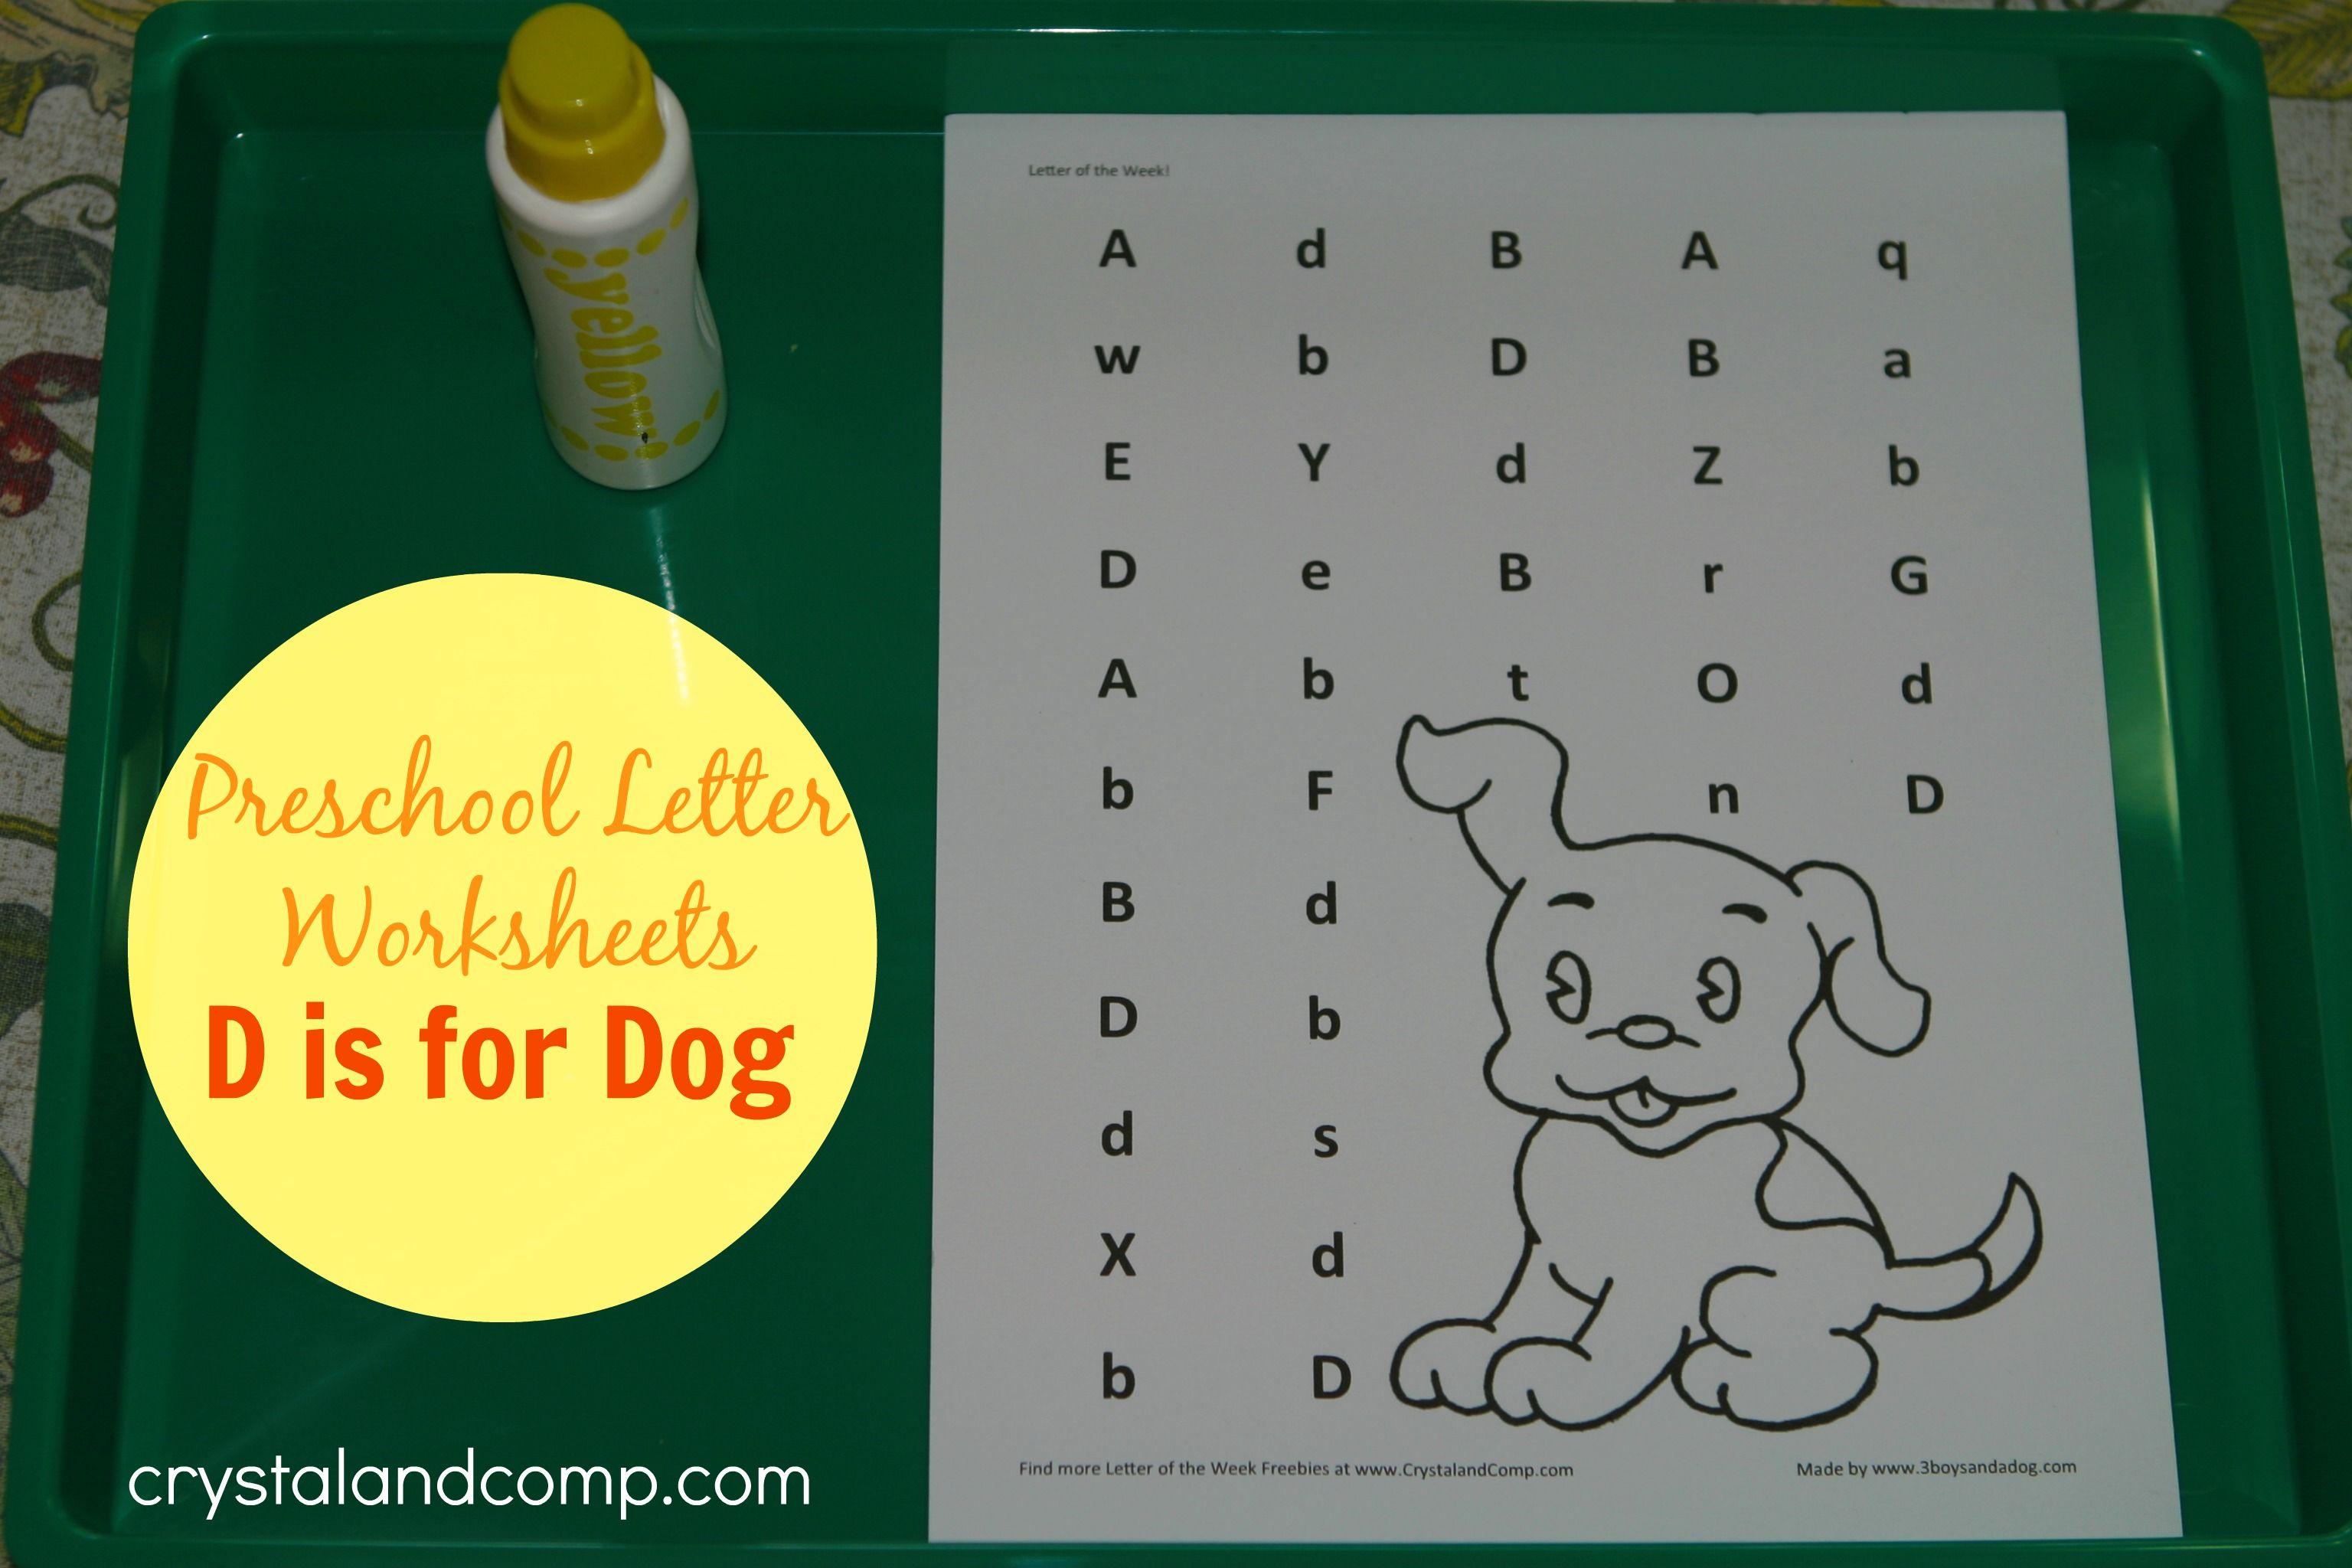 Preschool Letter Worksheets D Is For Dog